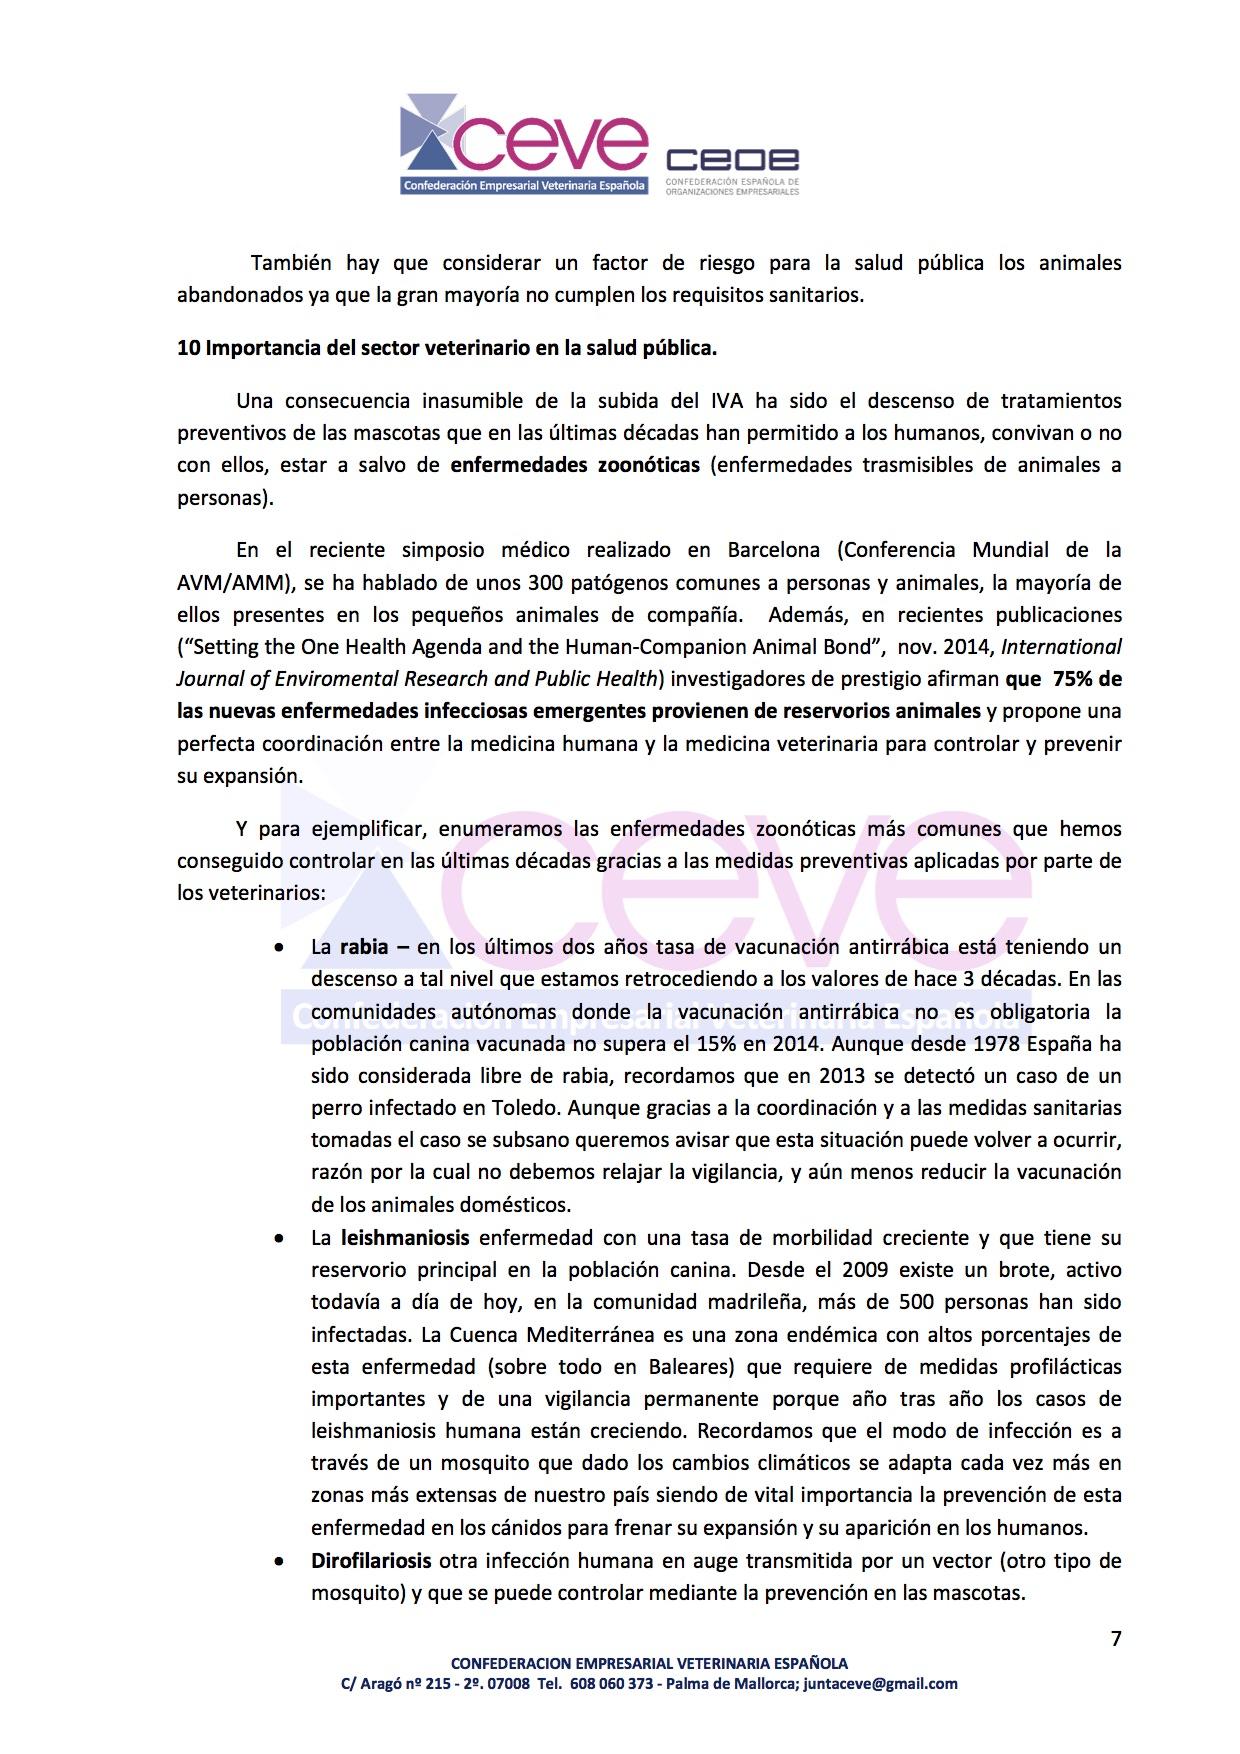 INFOME CEVE SOBRE EL IVA 8VETERINARIO DESBLOQUEADO